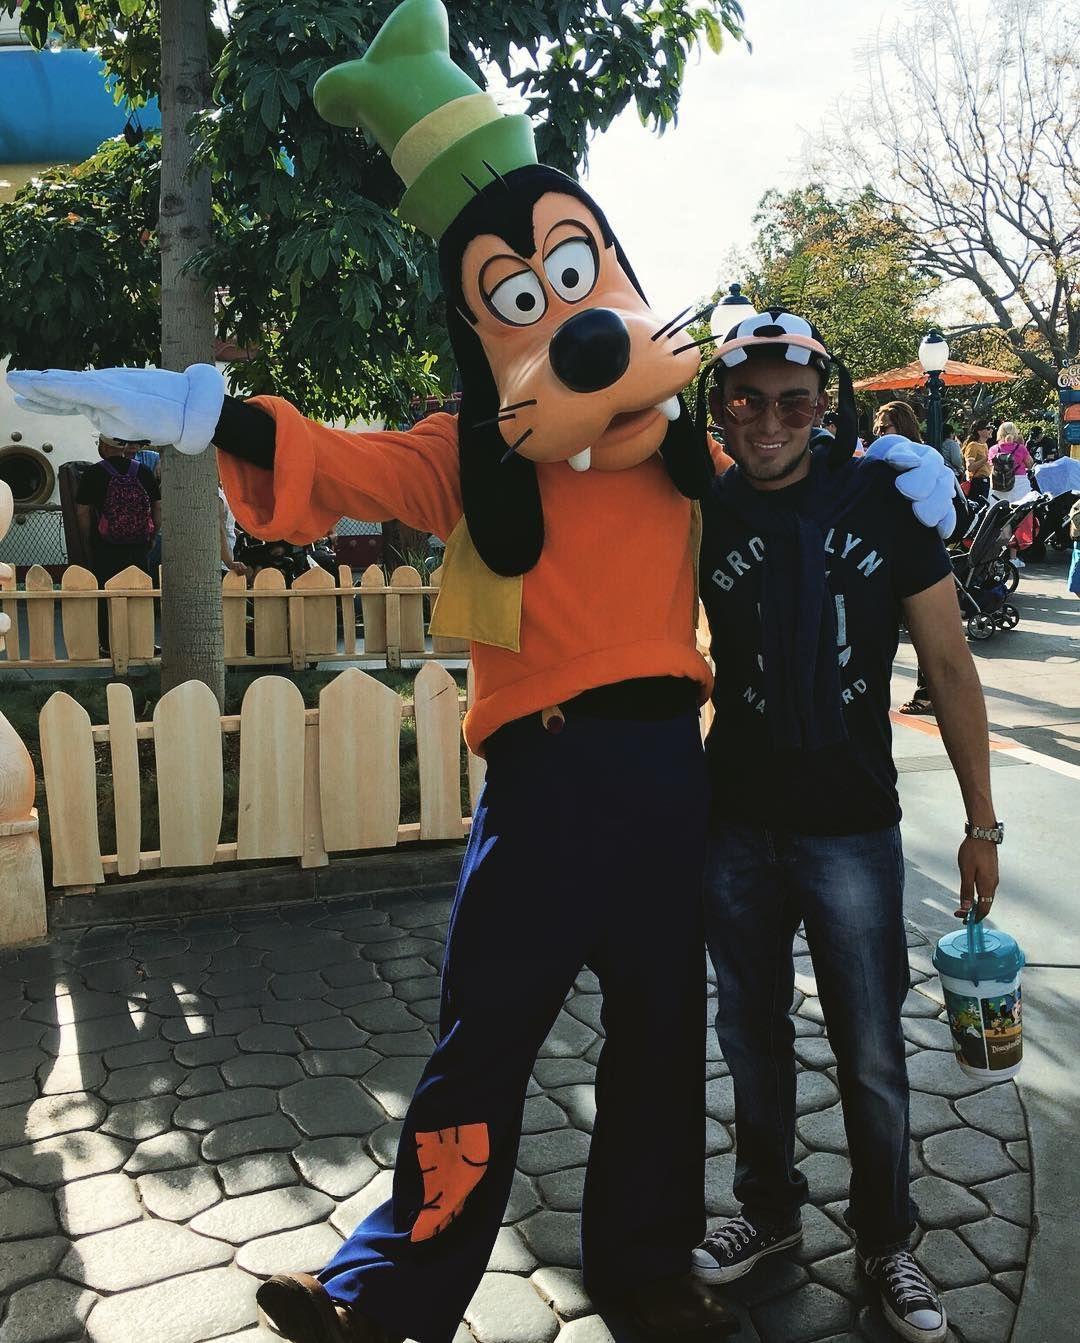 I found my twin brother Goofy!  #Anaheim #California #Disneyland #Disney #DisneyMagic #Goofy #Twins by eduardouriber